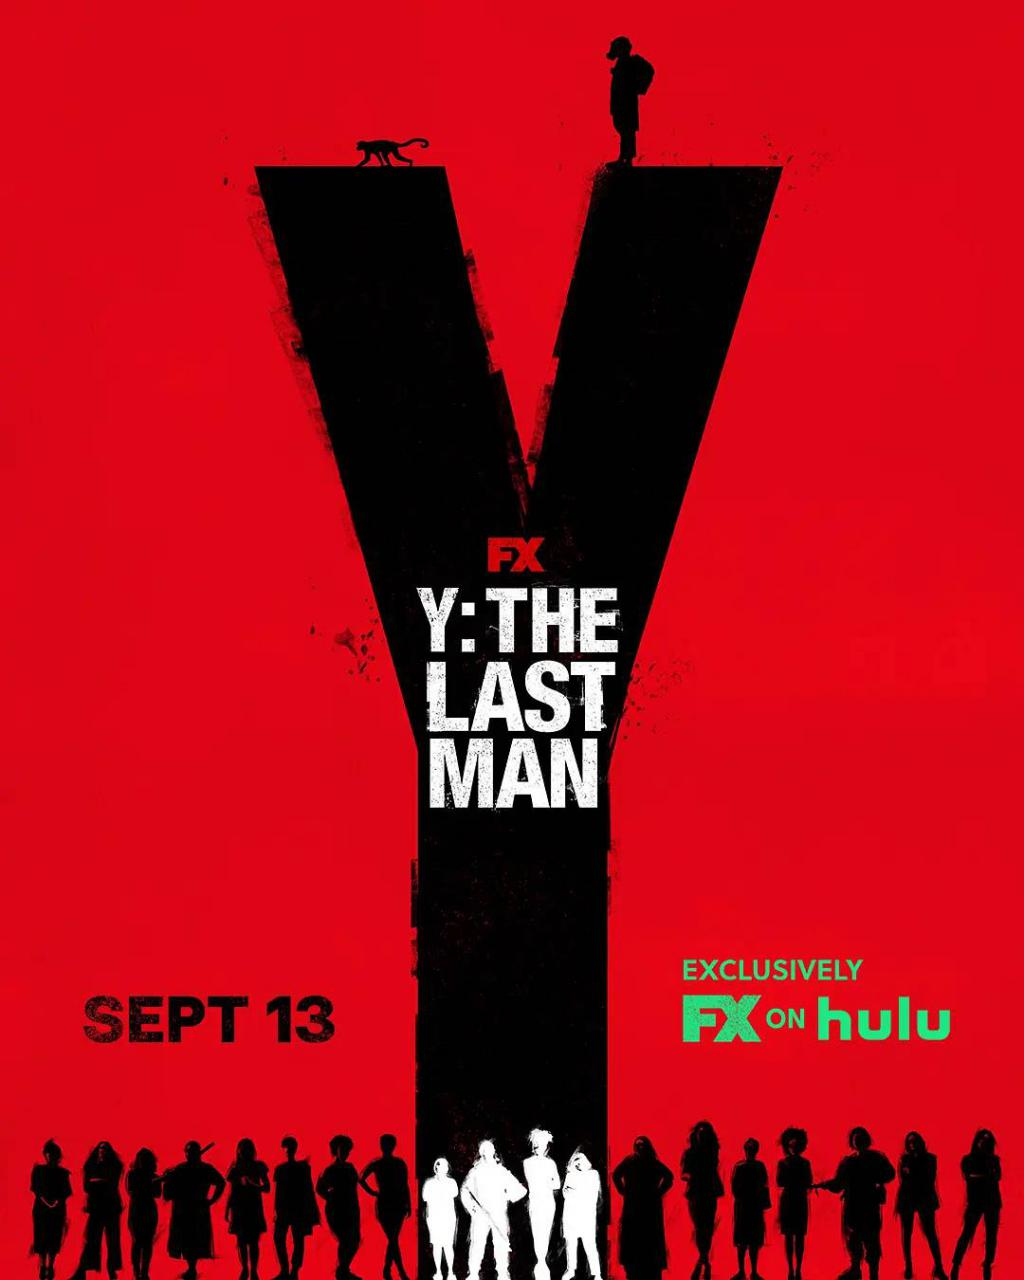 《Y 染色体》剧评:30 亿女人争 1 个男人,这剧的尺度太绝了!